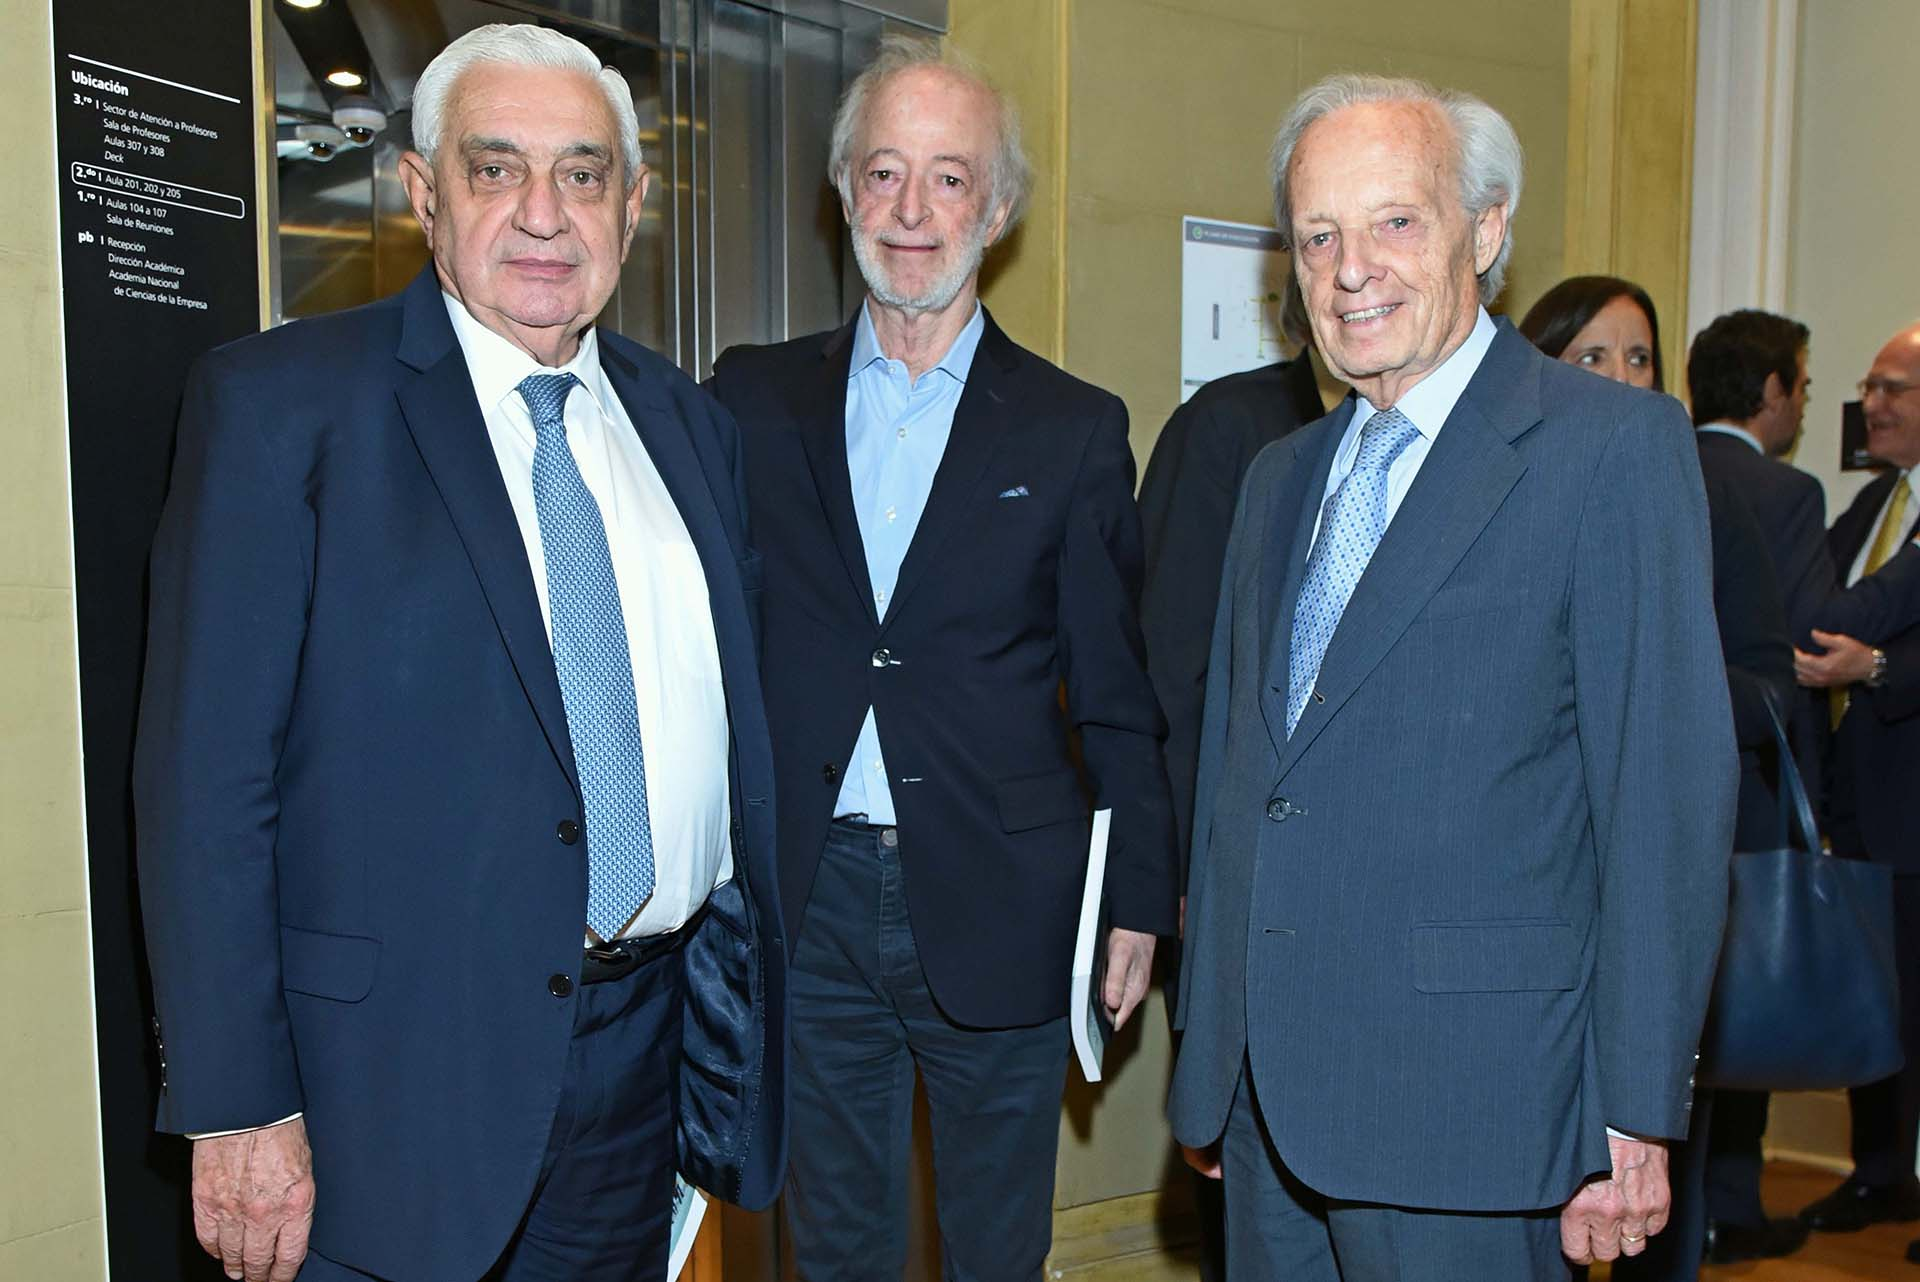 Adelmo Gabbi junto a Juan Carlos López Mena, presidente de Buquebus, y Daniel Vergara Del Carril, miembro de la Academia Nacional de Derecho